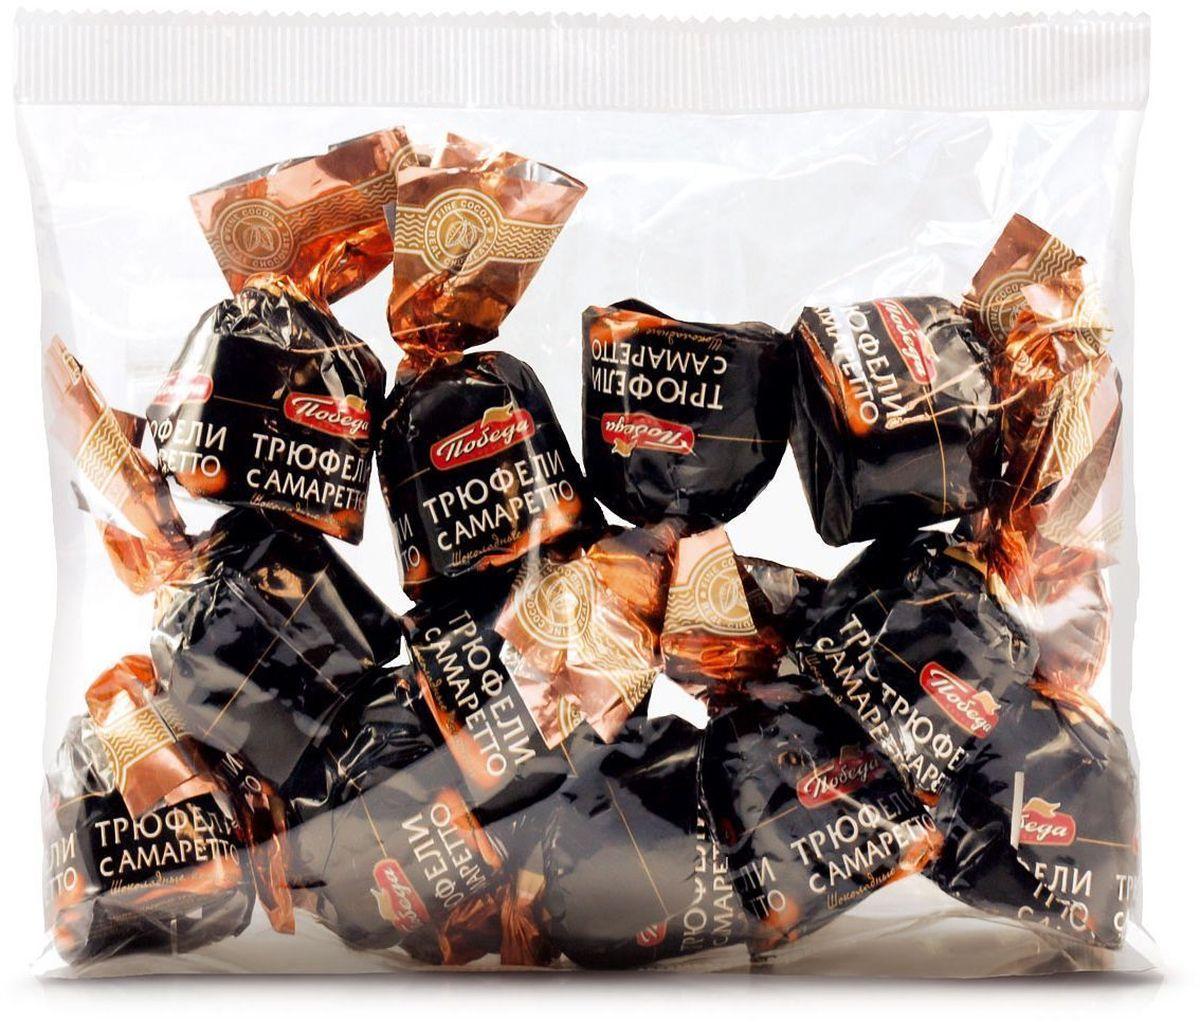 Победа вкуса Трюфели с амаретто шоколадные конфеты, 200 г541Трюфели с алкоголем от кондитерской фабрики Победа - премиум-десерт, созданный по классическому рецепту. Нежная трюфельная масса из сливок и шоколада пропитана амаретто и окружена нежной оболочкой из сливочного шоколада. Как и все разновидности трюфелей от кондитерской фабрики Победа, трюфели с алкоголем произведены из высококачественного сырья с применением современных технологий.